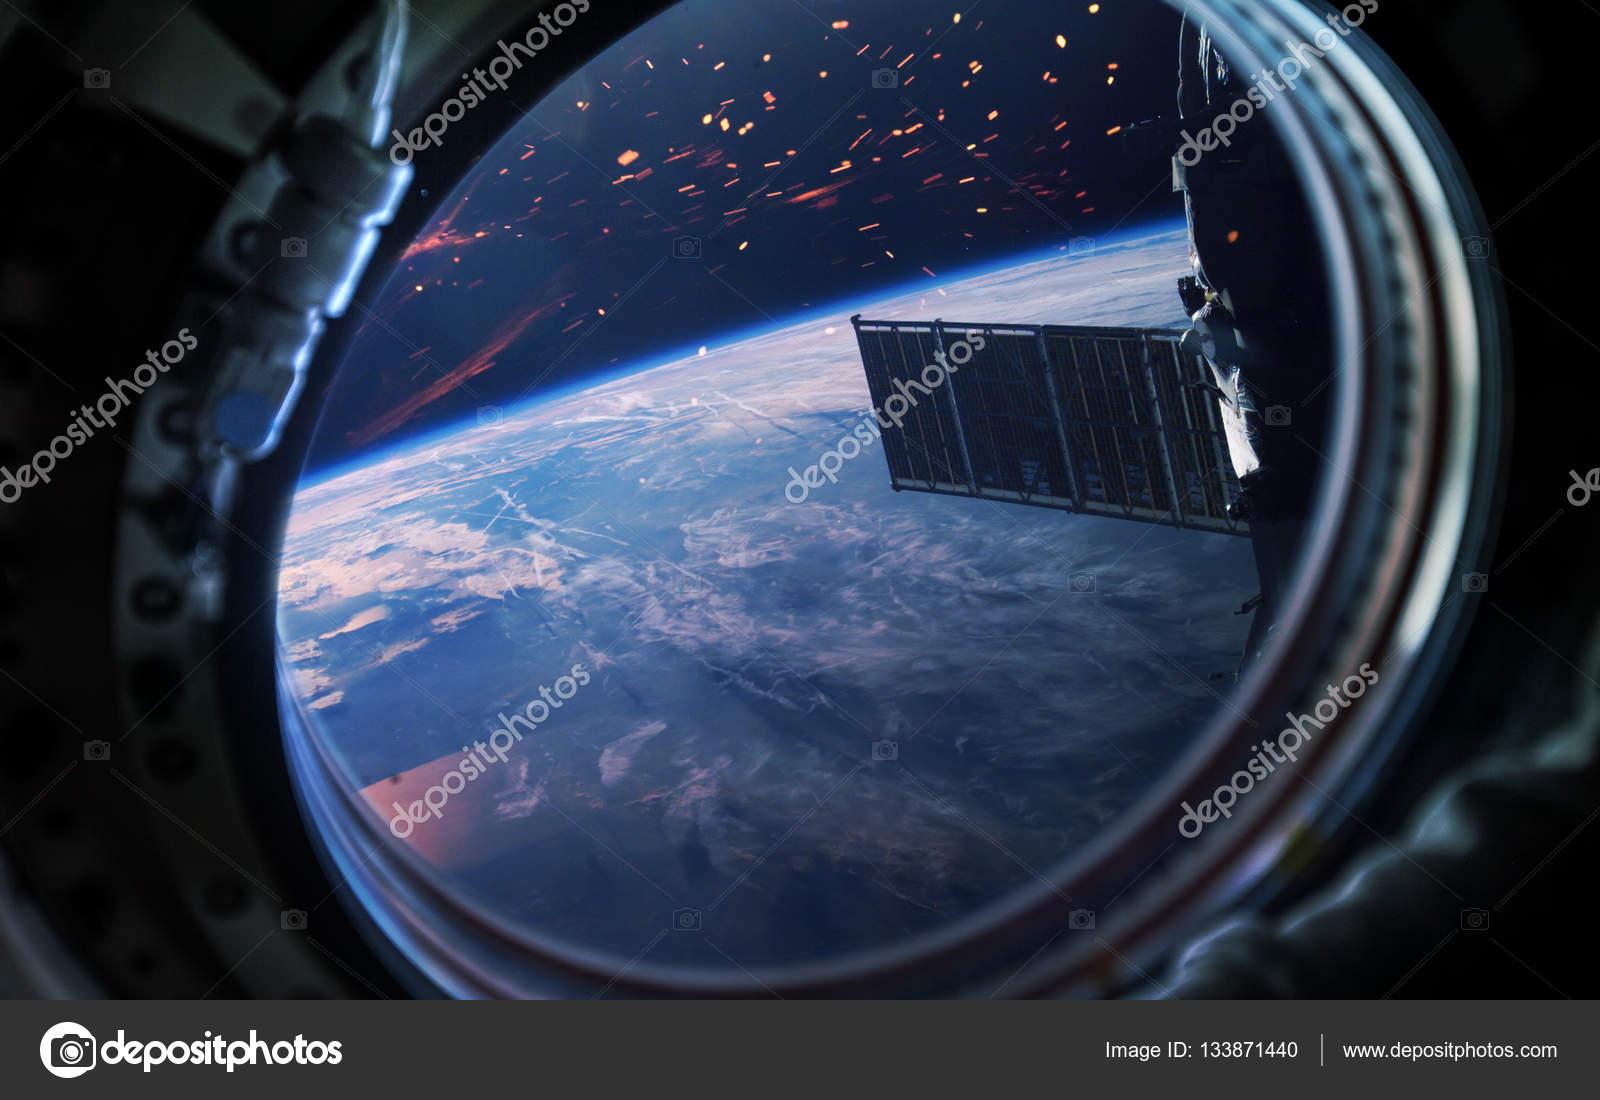 Ziemia Planeta W Statek Kosmiczny Okno Iluminator Elementy Tego